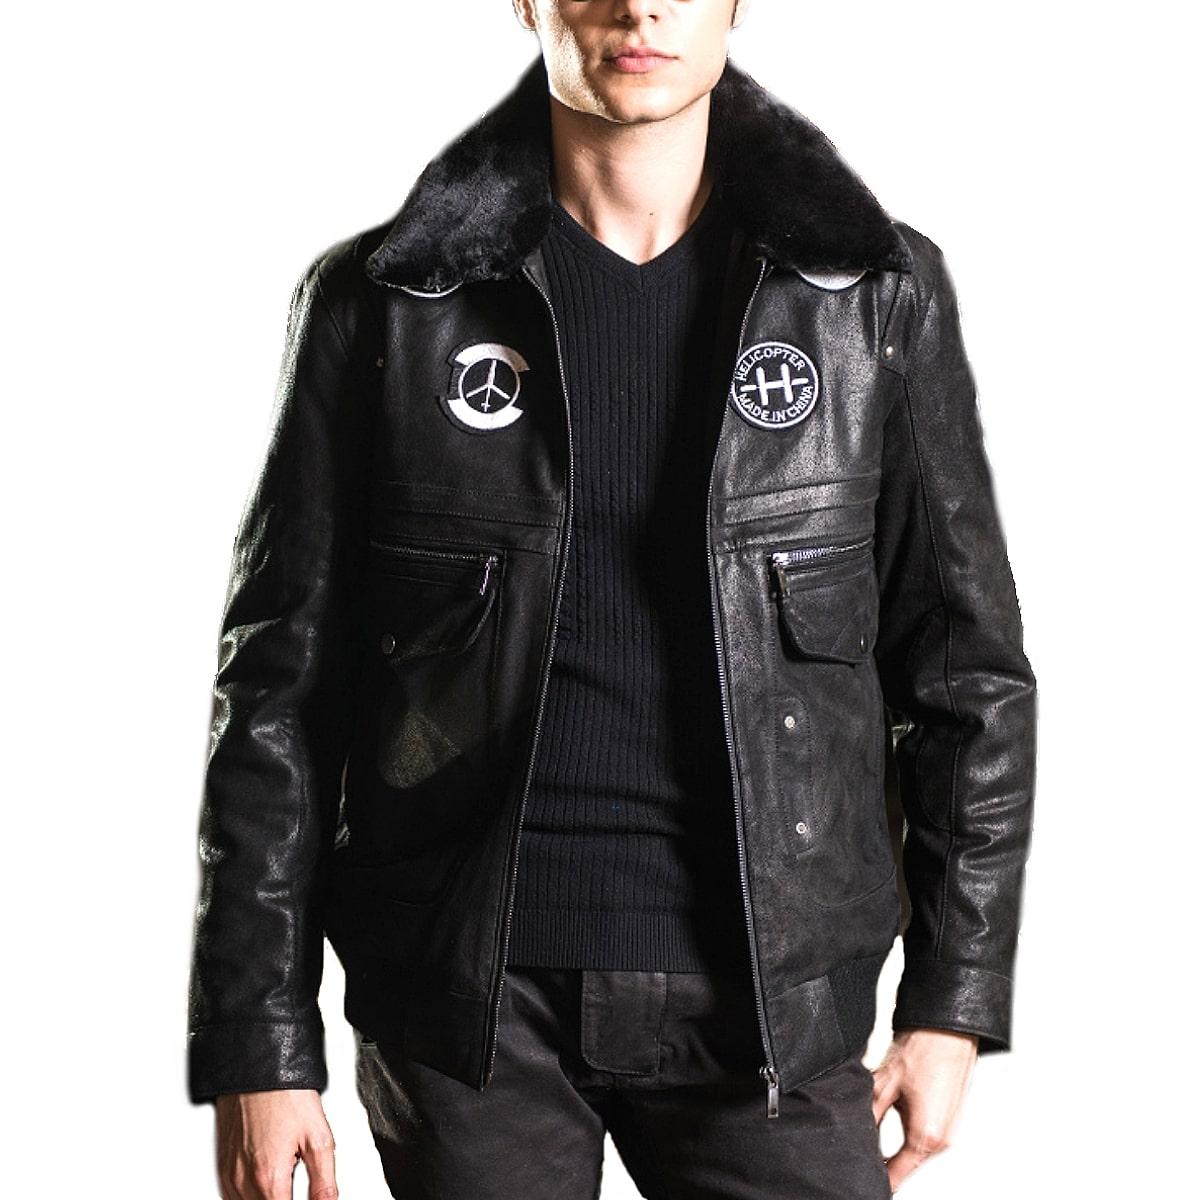 【送料無料!】全2色! 9サイズ! [Men's Pigskin Fur Collar Patches Genuine Leather Jacket] メンズ ピッグスキン ファーカラー ワッペン ジェニュインレザー ジャケット! 本革 豚革 ボンバージャケット フライトジャケット スエード コート アウター バイクに!